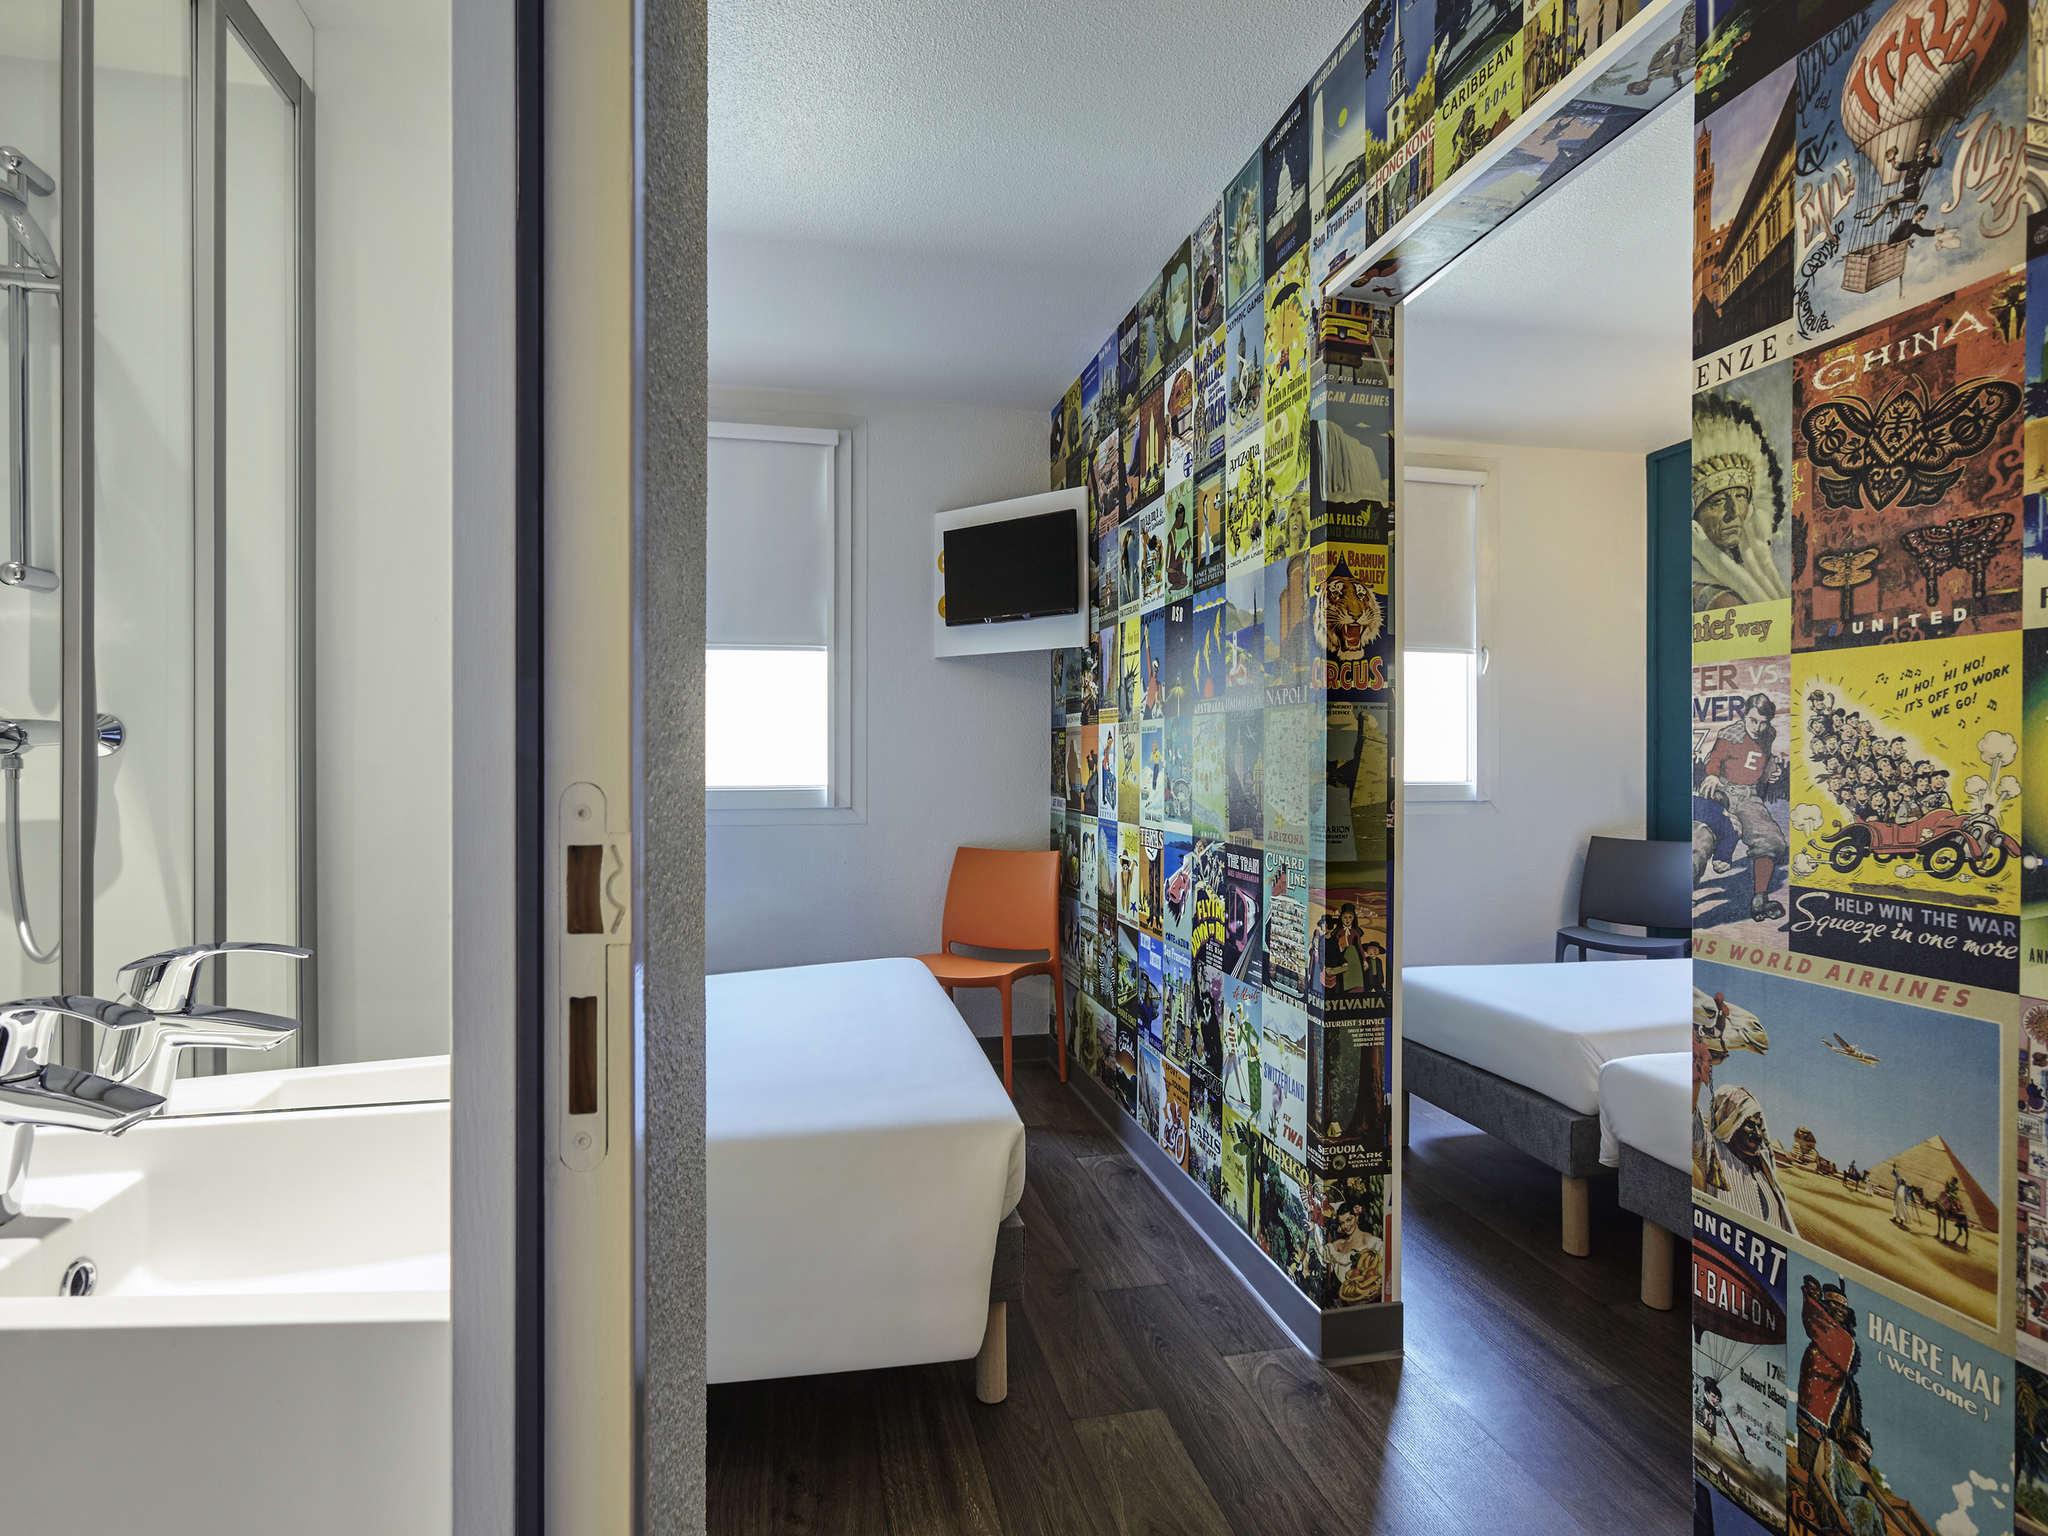 Hotel w mie cie paris hotelf1 paris porte de ch tillon - Hotel formule 1 paris porte de chatillon ...